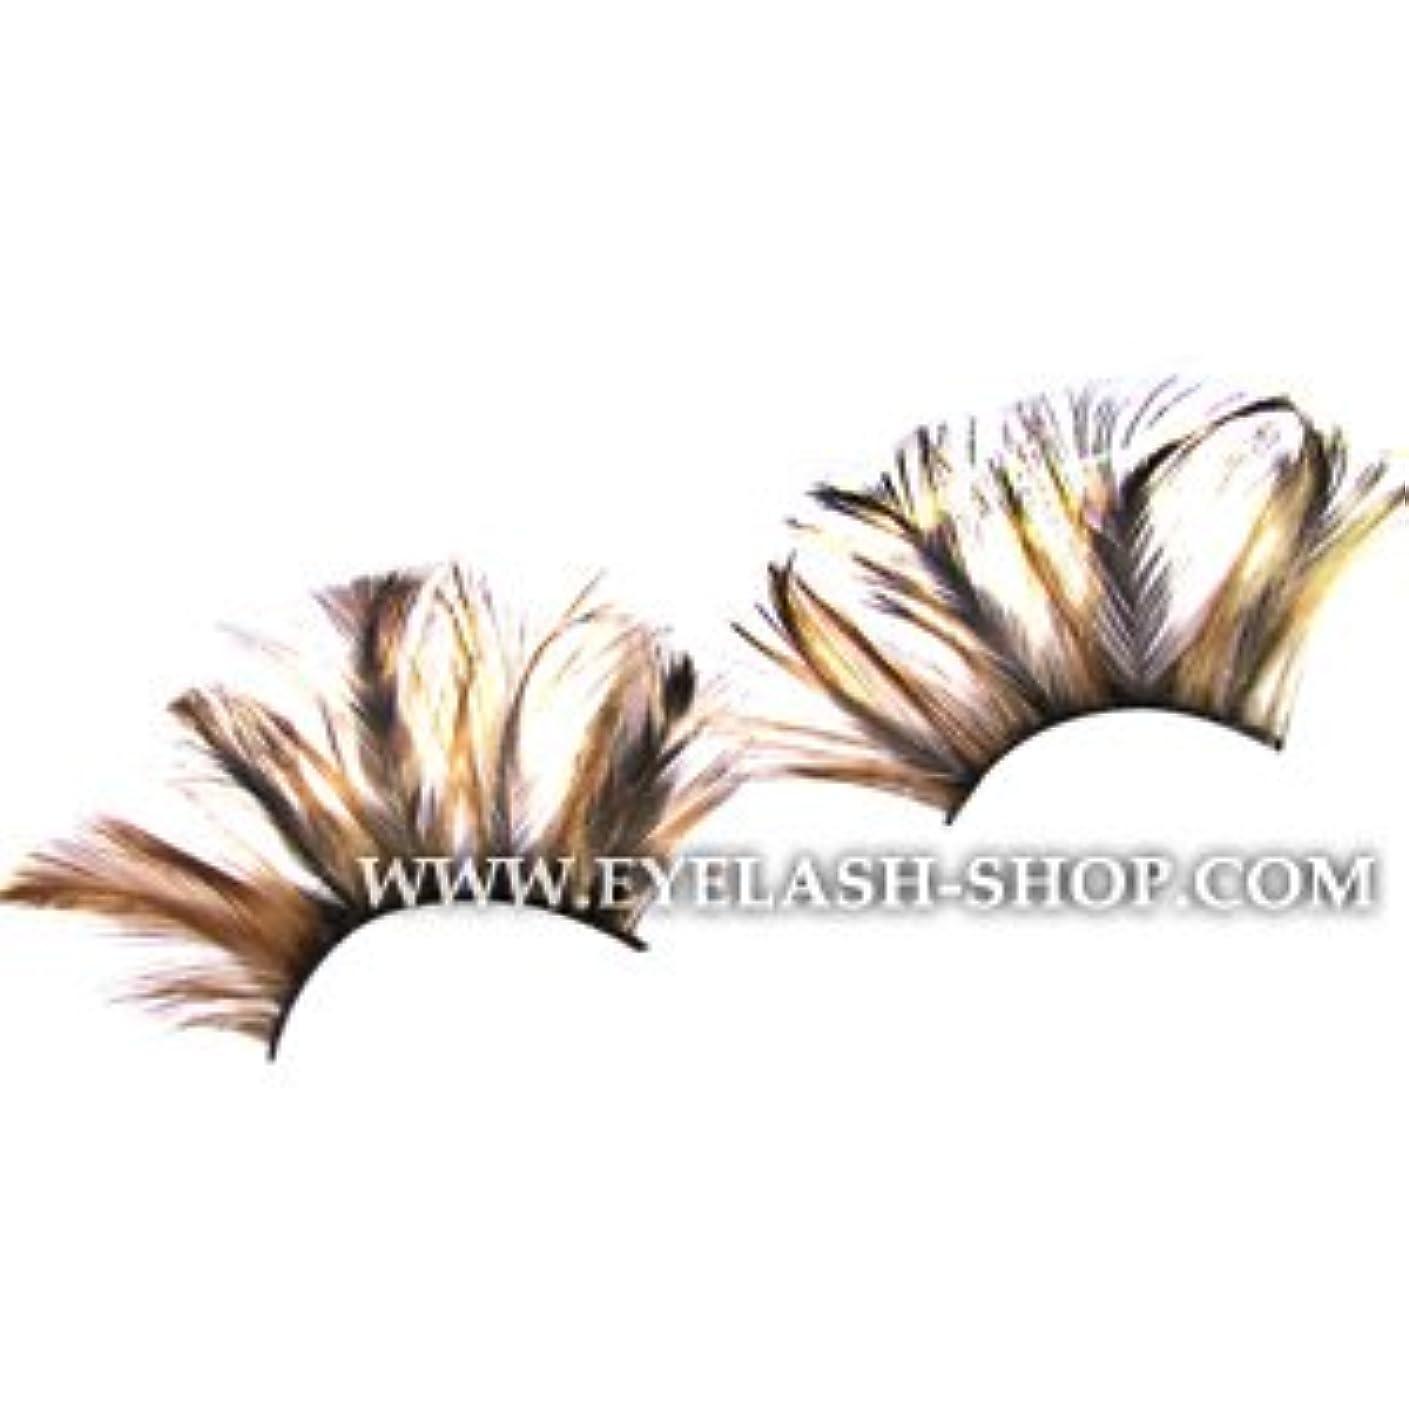 歴史的想起少ないETY-509 つけまつげ 羽 ナチュラル つけま 部分 まつげ 羽まつげ 羽根つけま カラー デザイン フェザー 激安 アイラッシュ